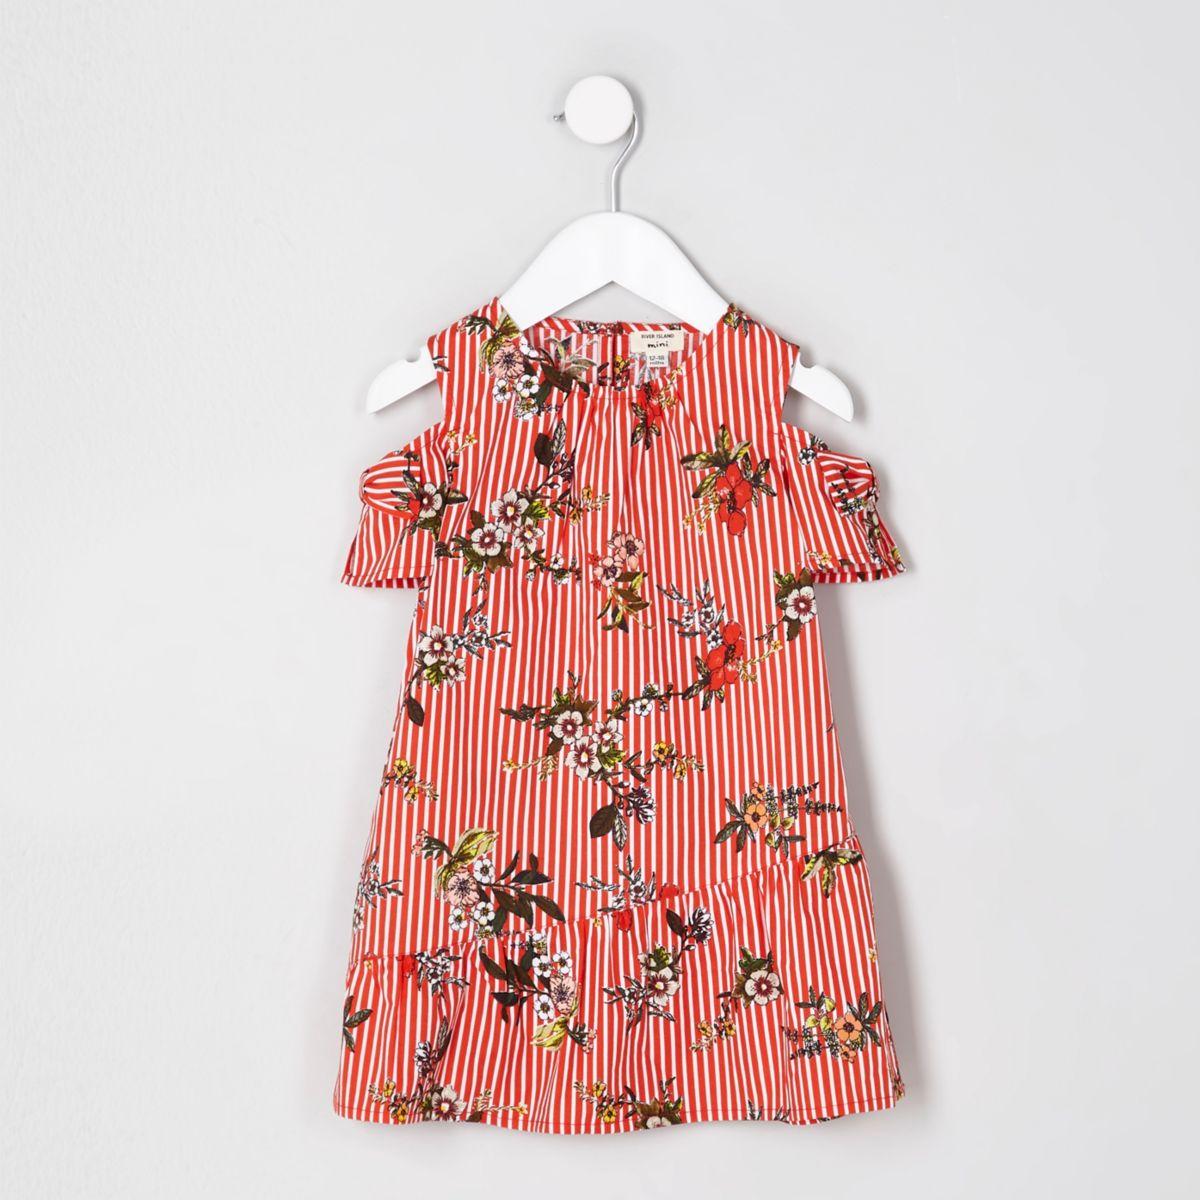 Rotes, geblümtes Kleid mit Schulterausschnitten